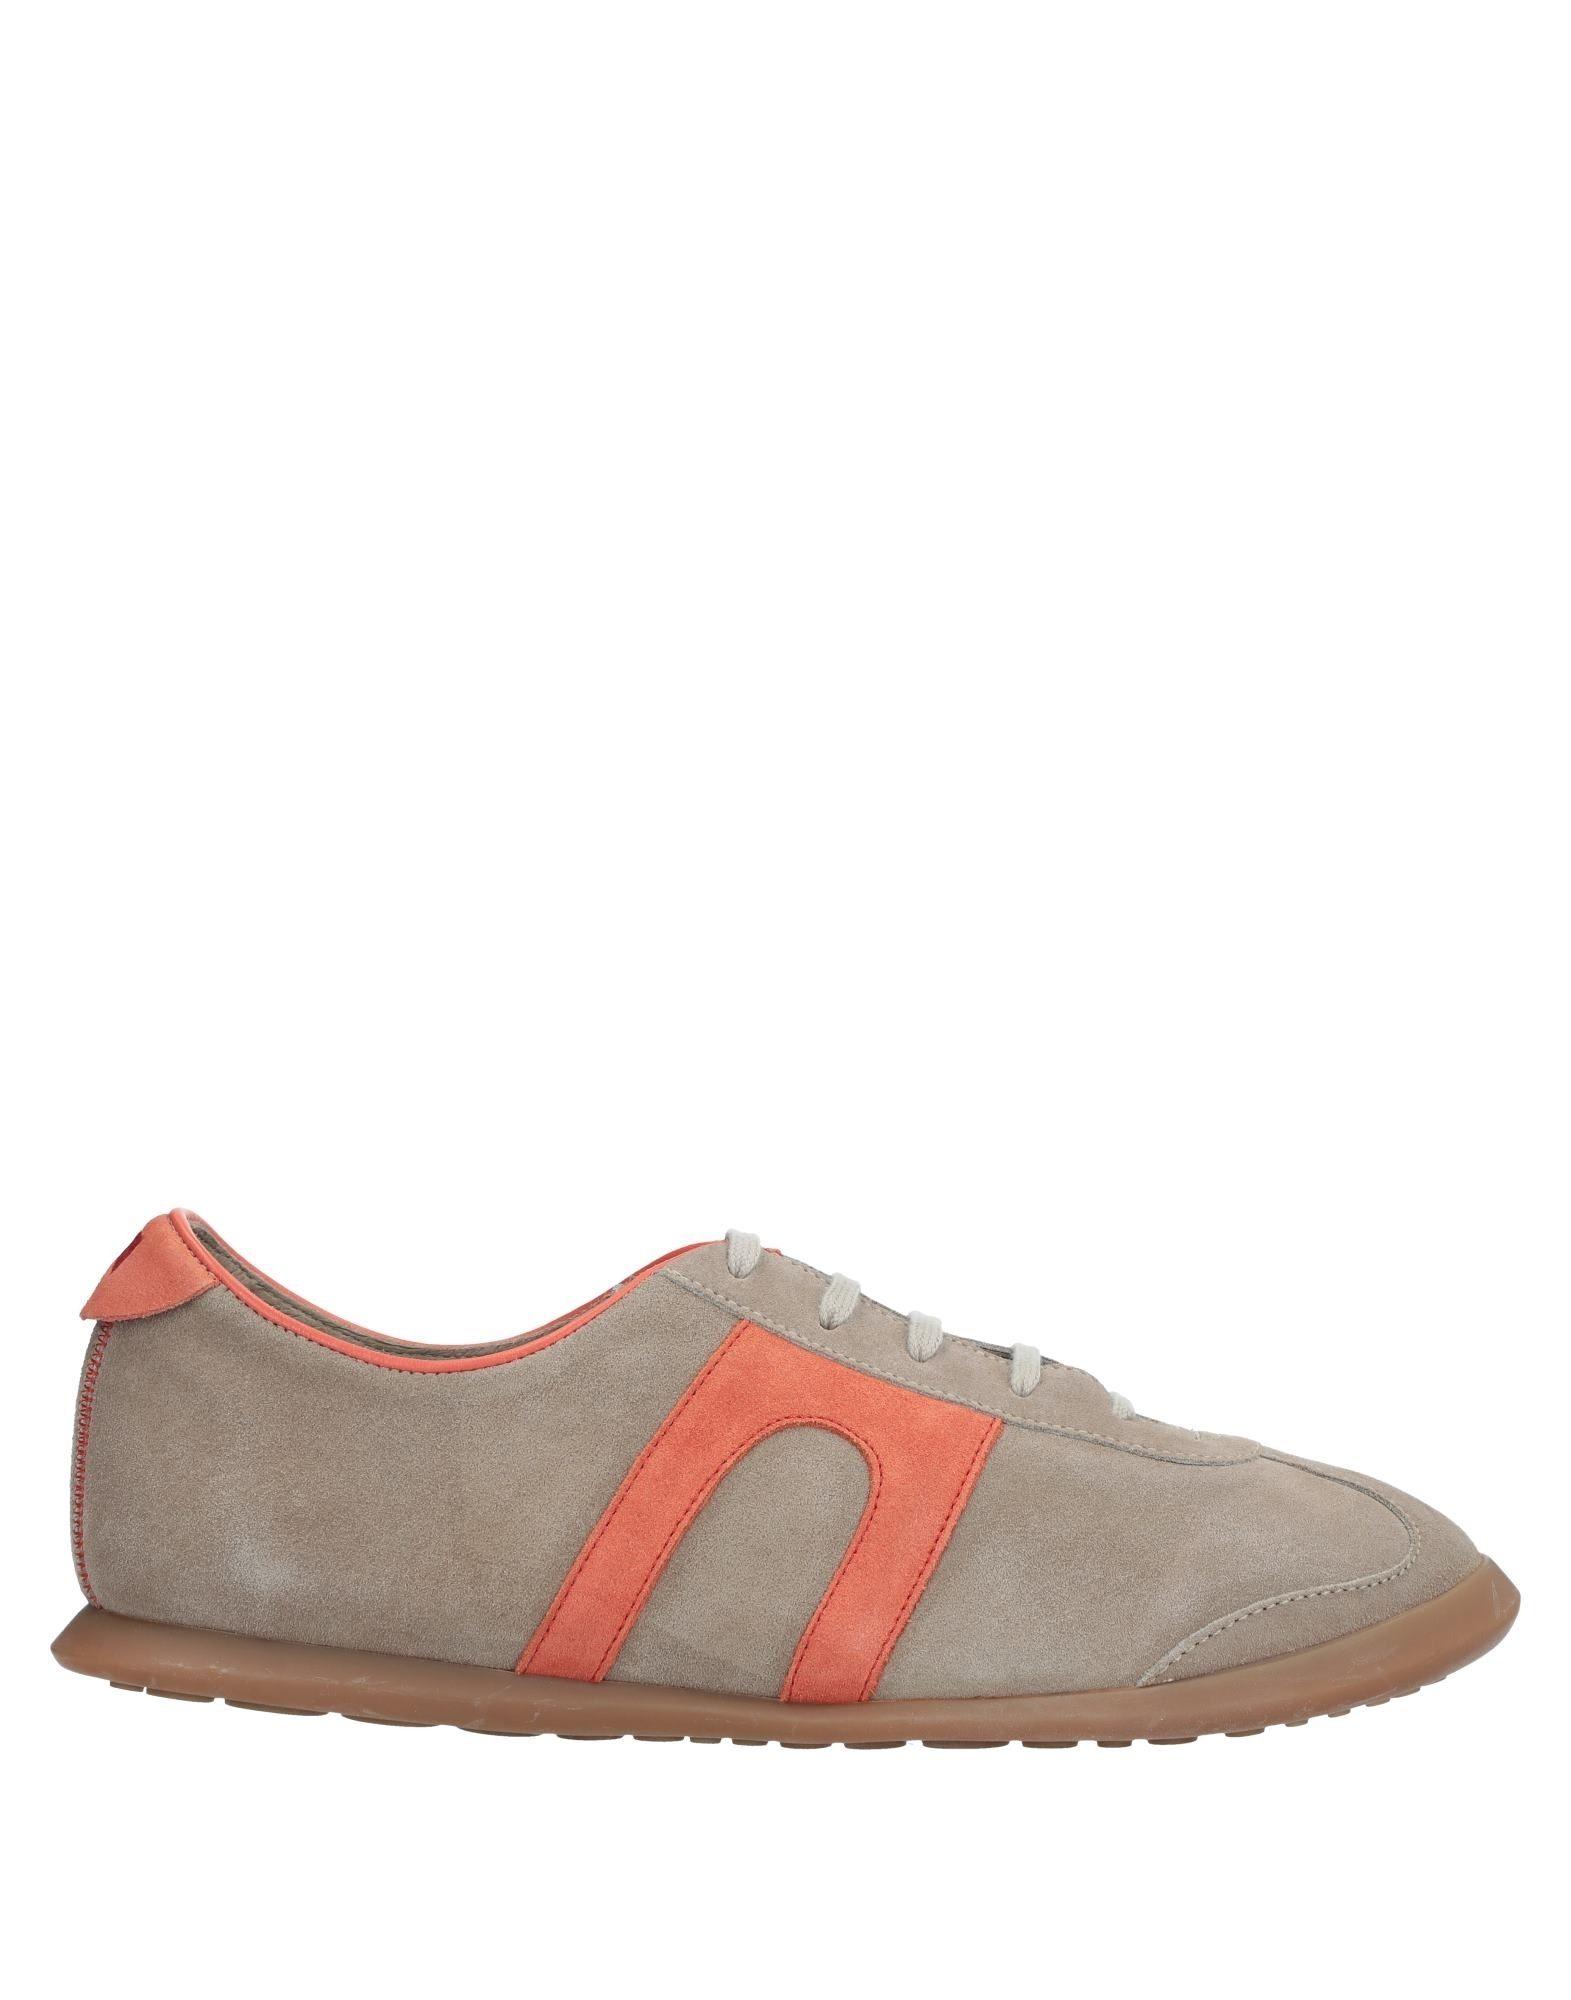 Sneakers Camper Uomo - 11538225GD Scarpe economiche e buone